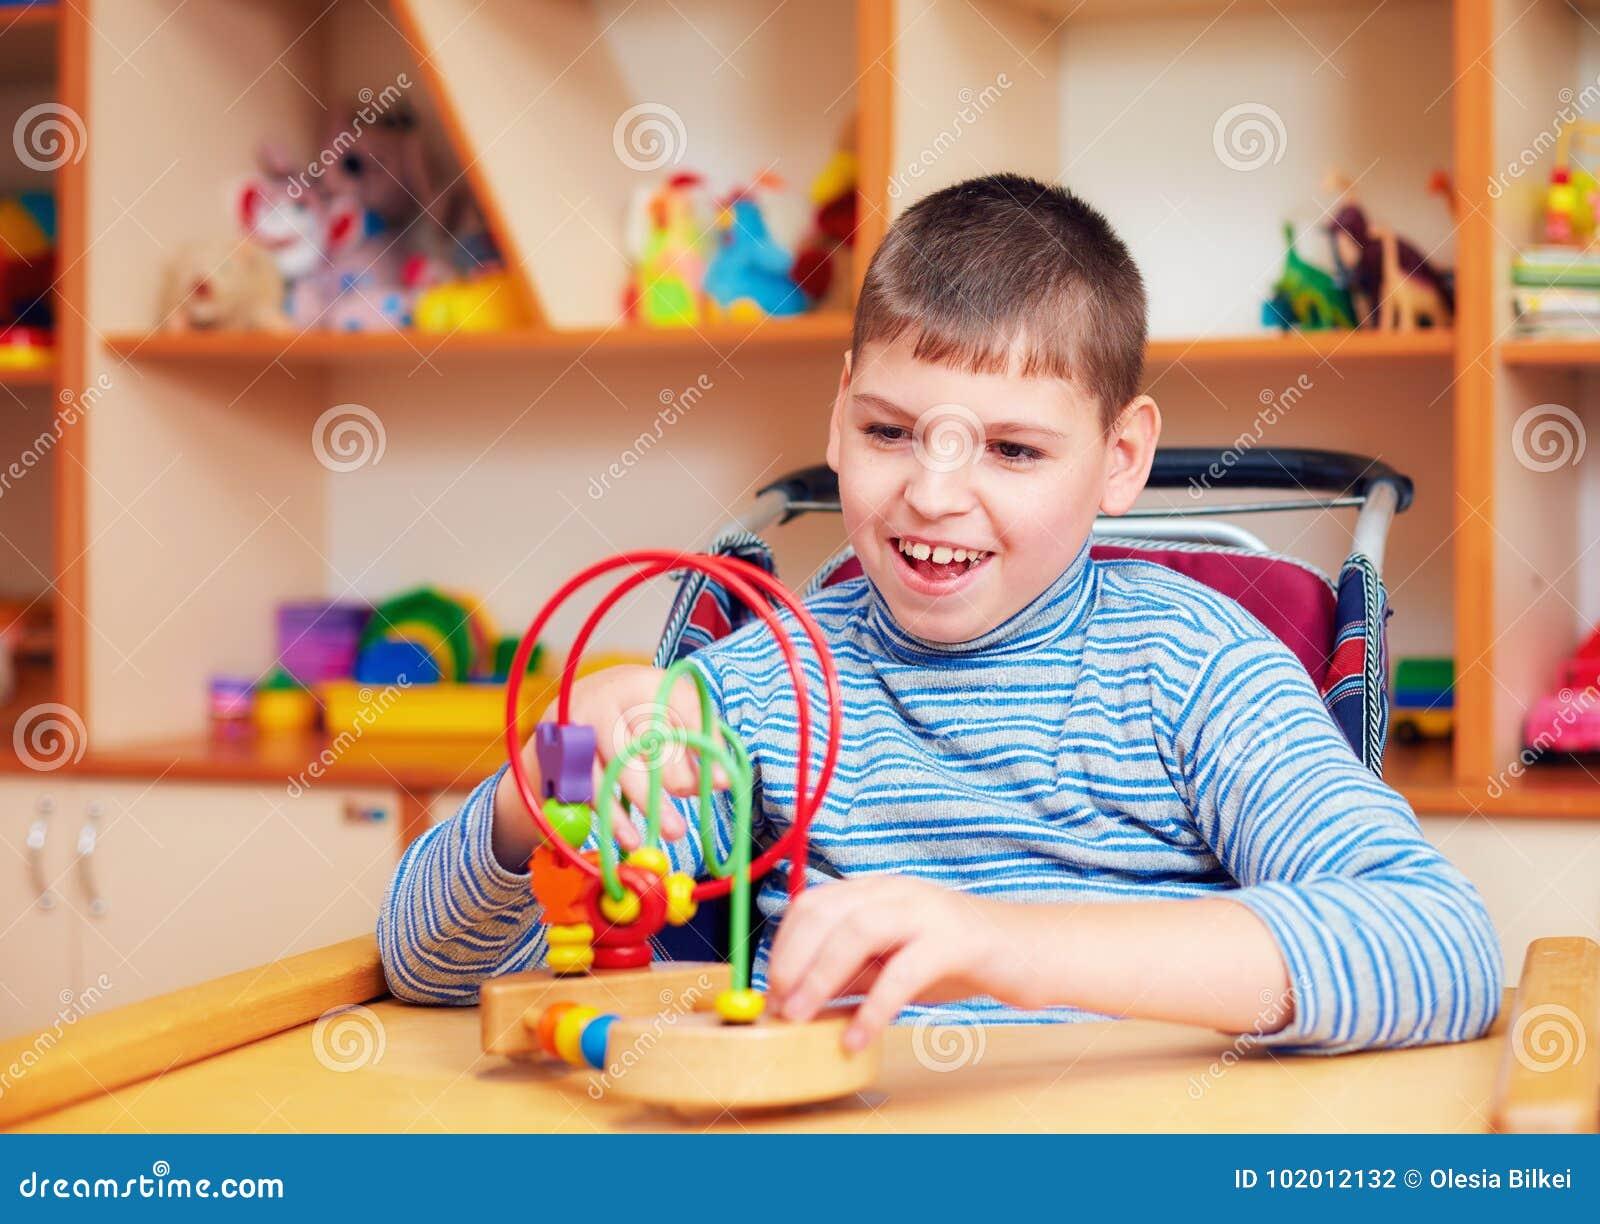 Menino alegre com inabilidade no centro de reabilitação para crianças com necessidades especiais, resolvendo o enigma lógico